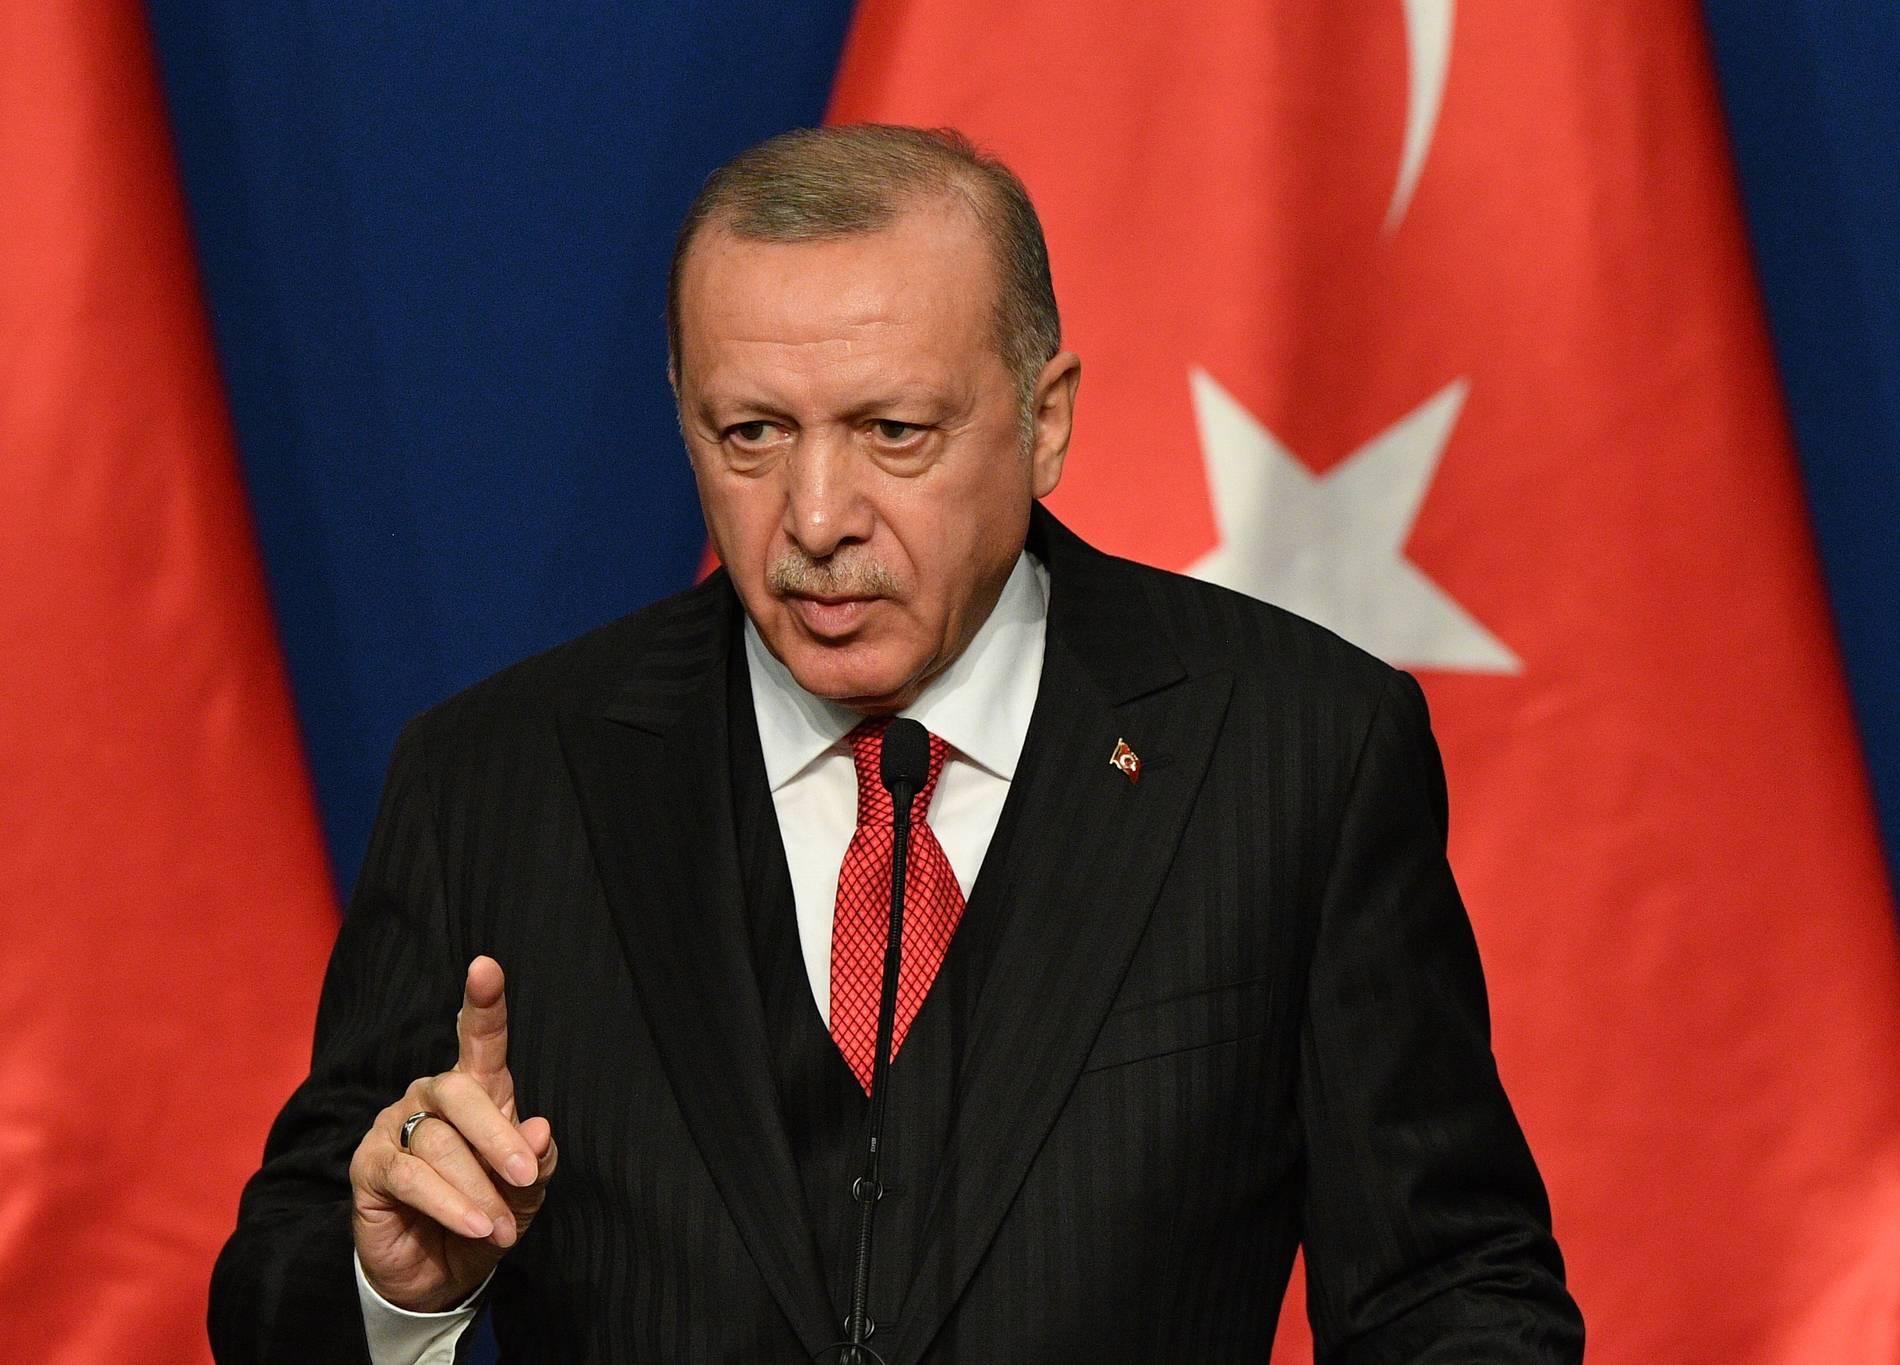 Inhaftierte Extremisten: Türkei will sieben deutsche IS-Kämpfer zurückschicken - SPIEGEL ONLINE - Politik